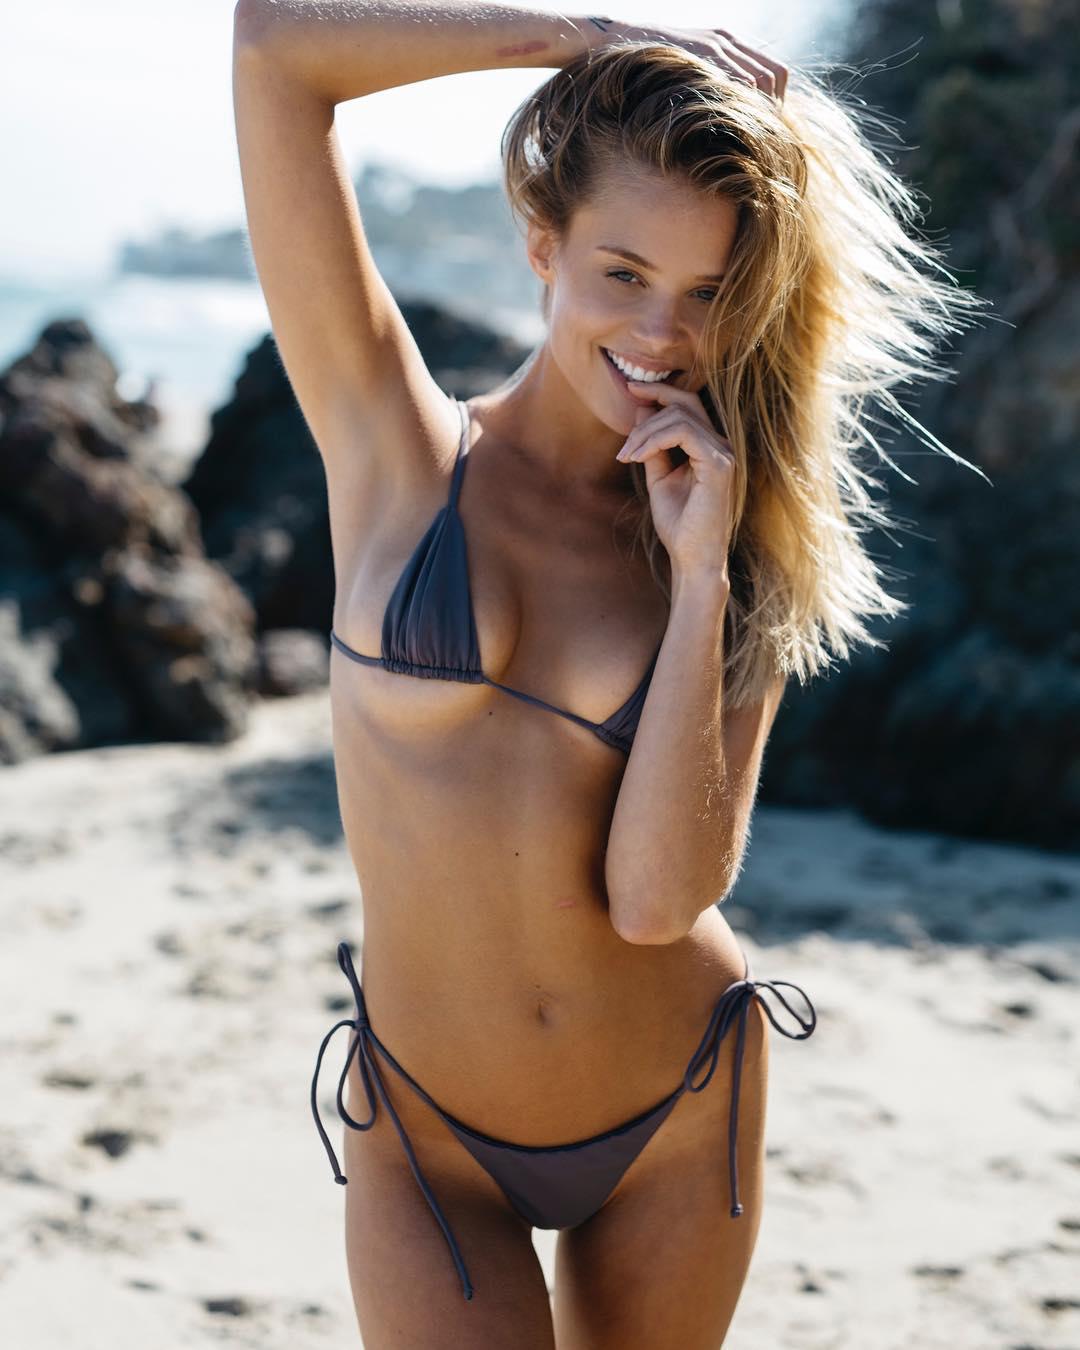 Teen daughter sext topless woman sexiest